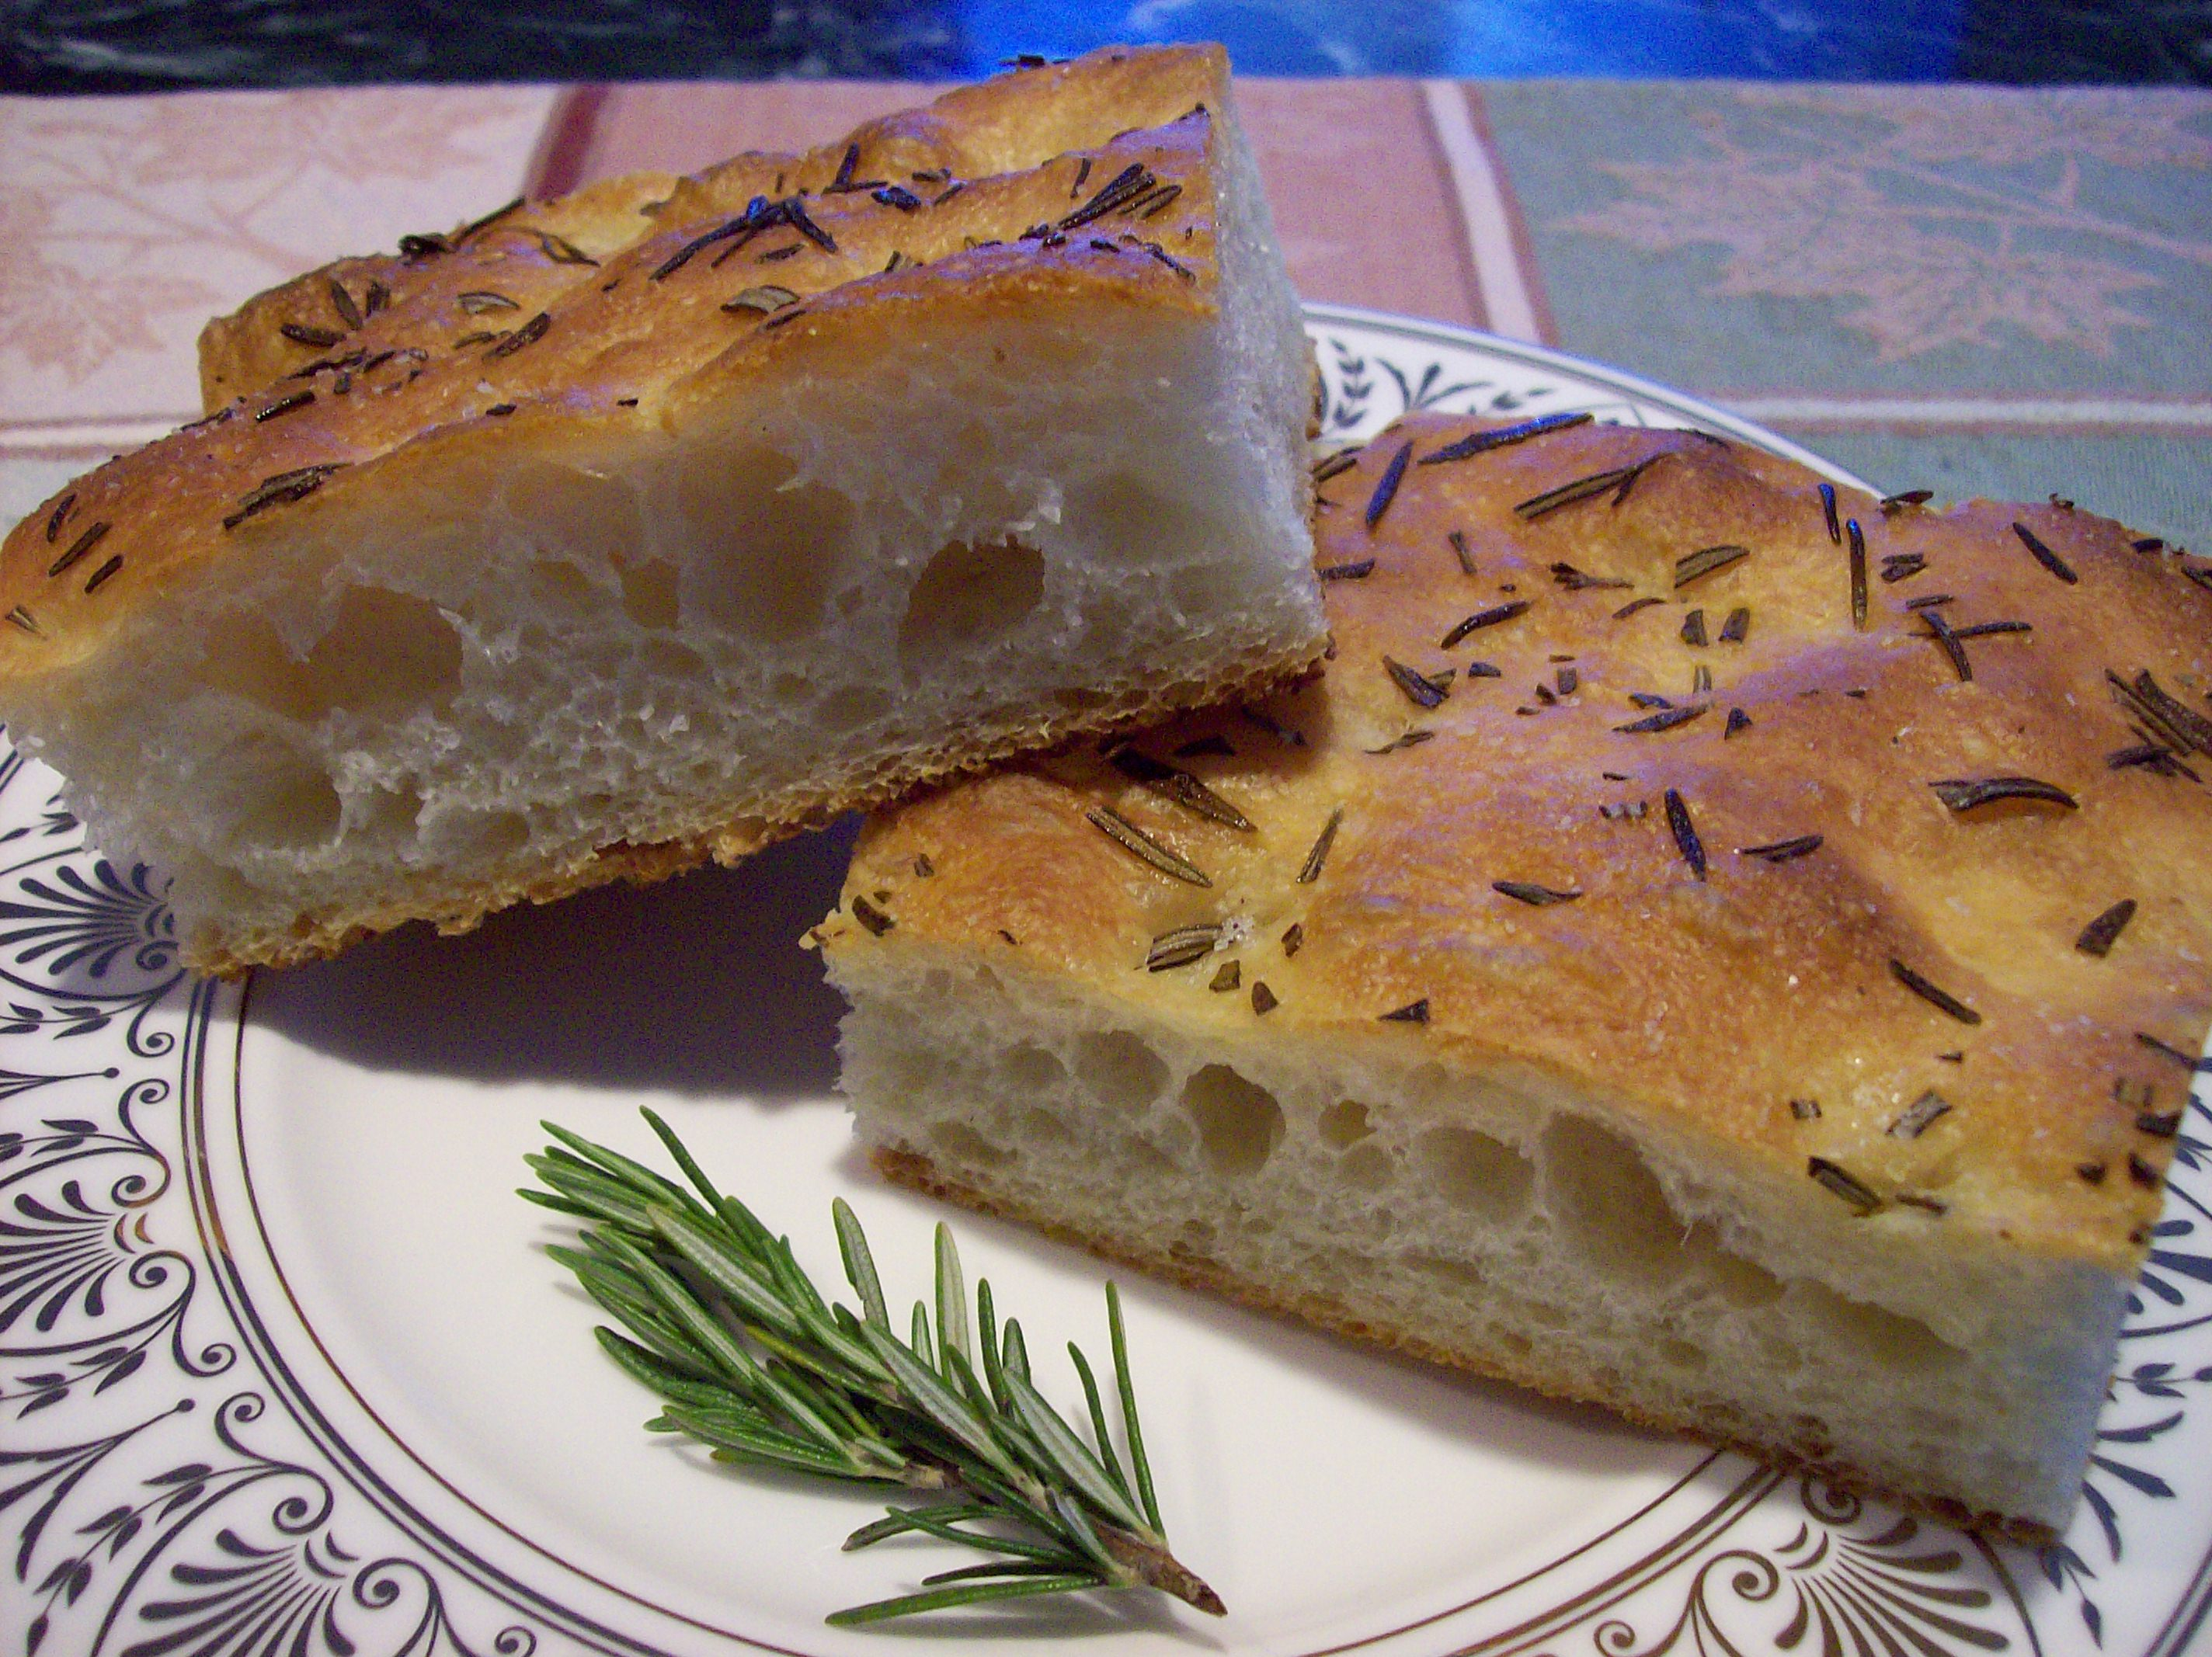 Rosemary Focaccia | Bread cetera